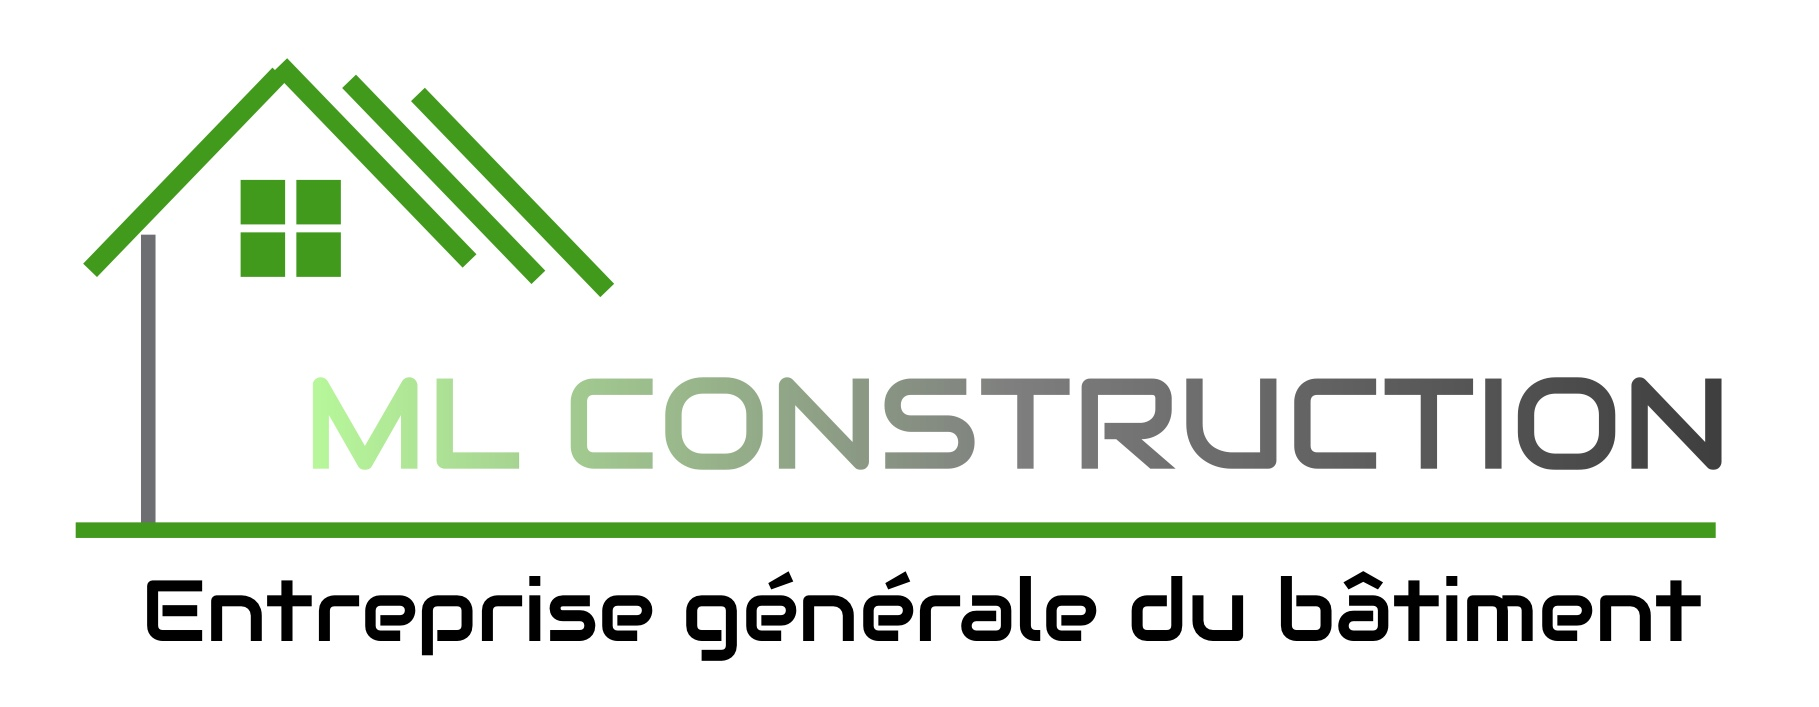 Logo de ML CONSTRUCTION, société de travaux en Rénovation ou changement de votre couverture de toit